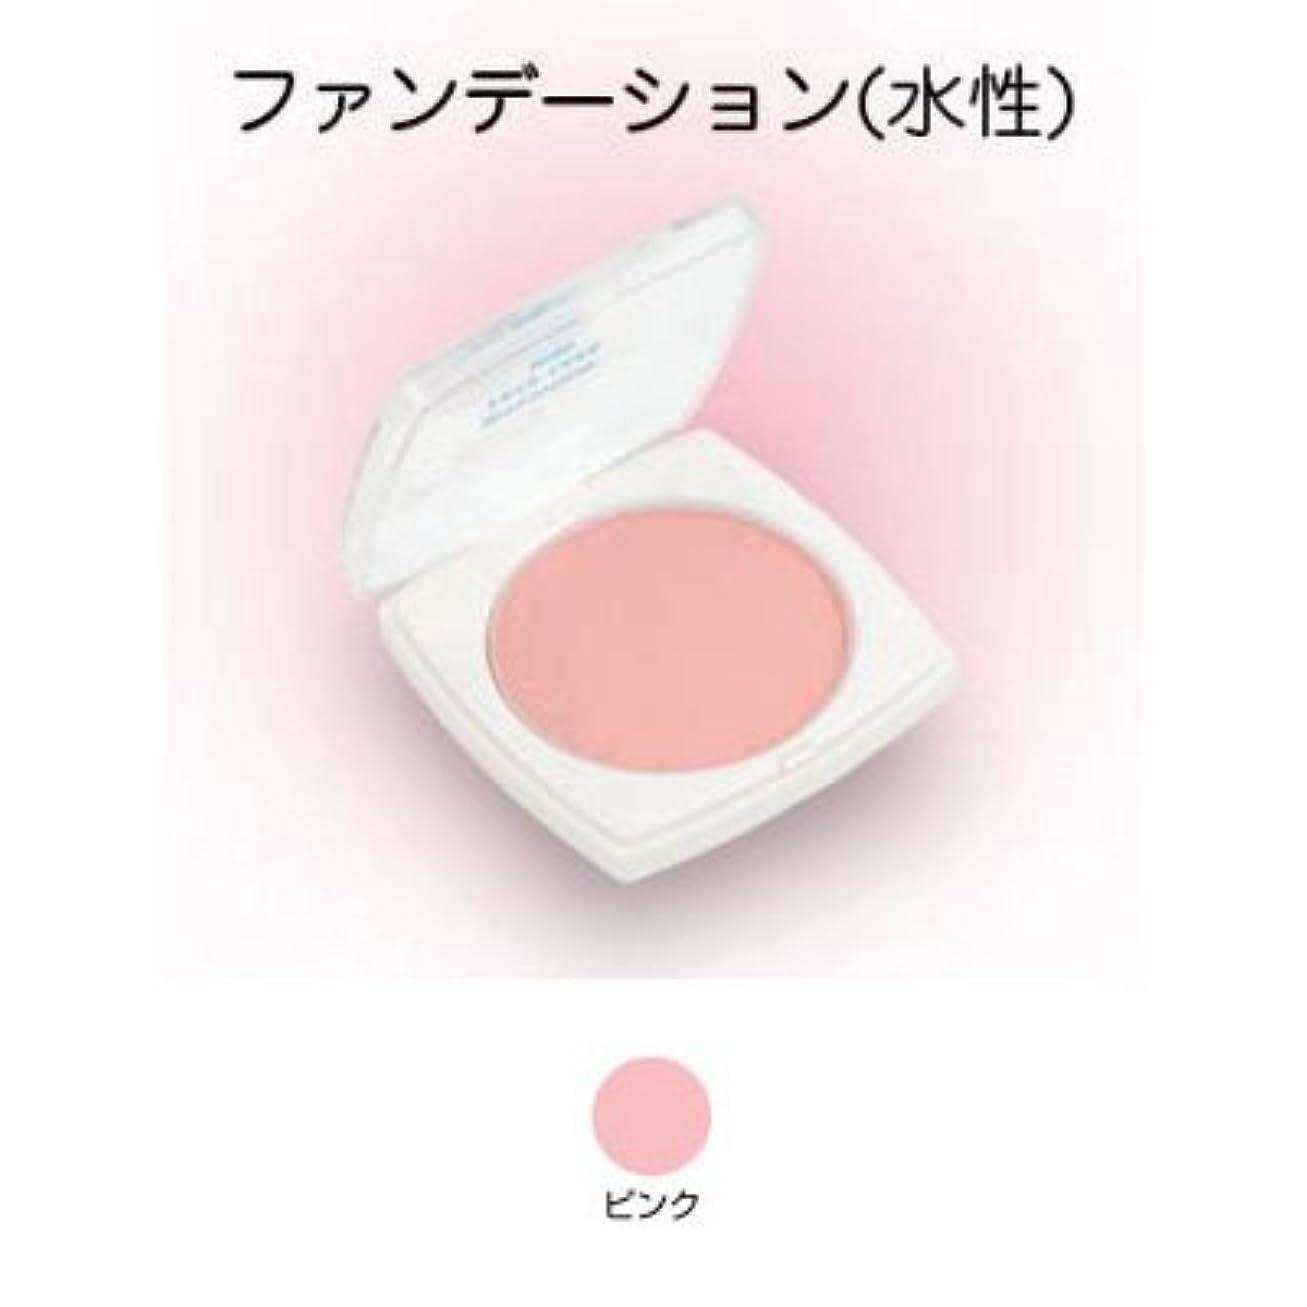 離婚ラボコンピューターを使用するフェースケーキ ミニ 17g ピンク 【三善】